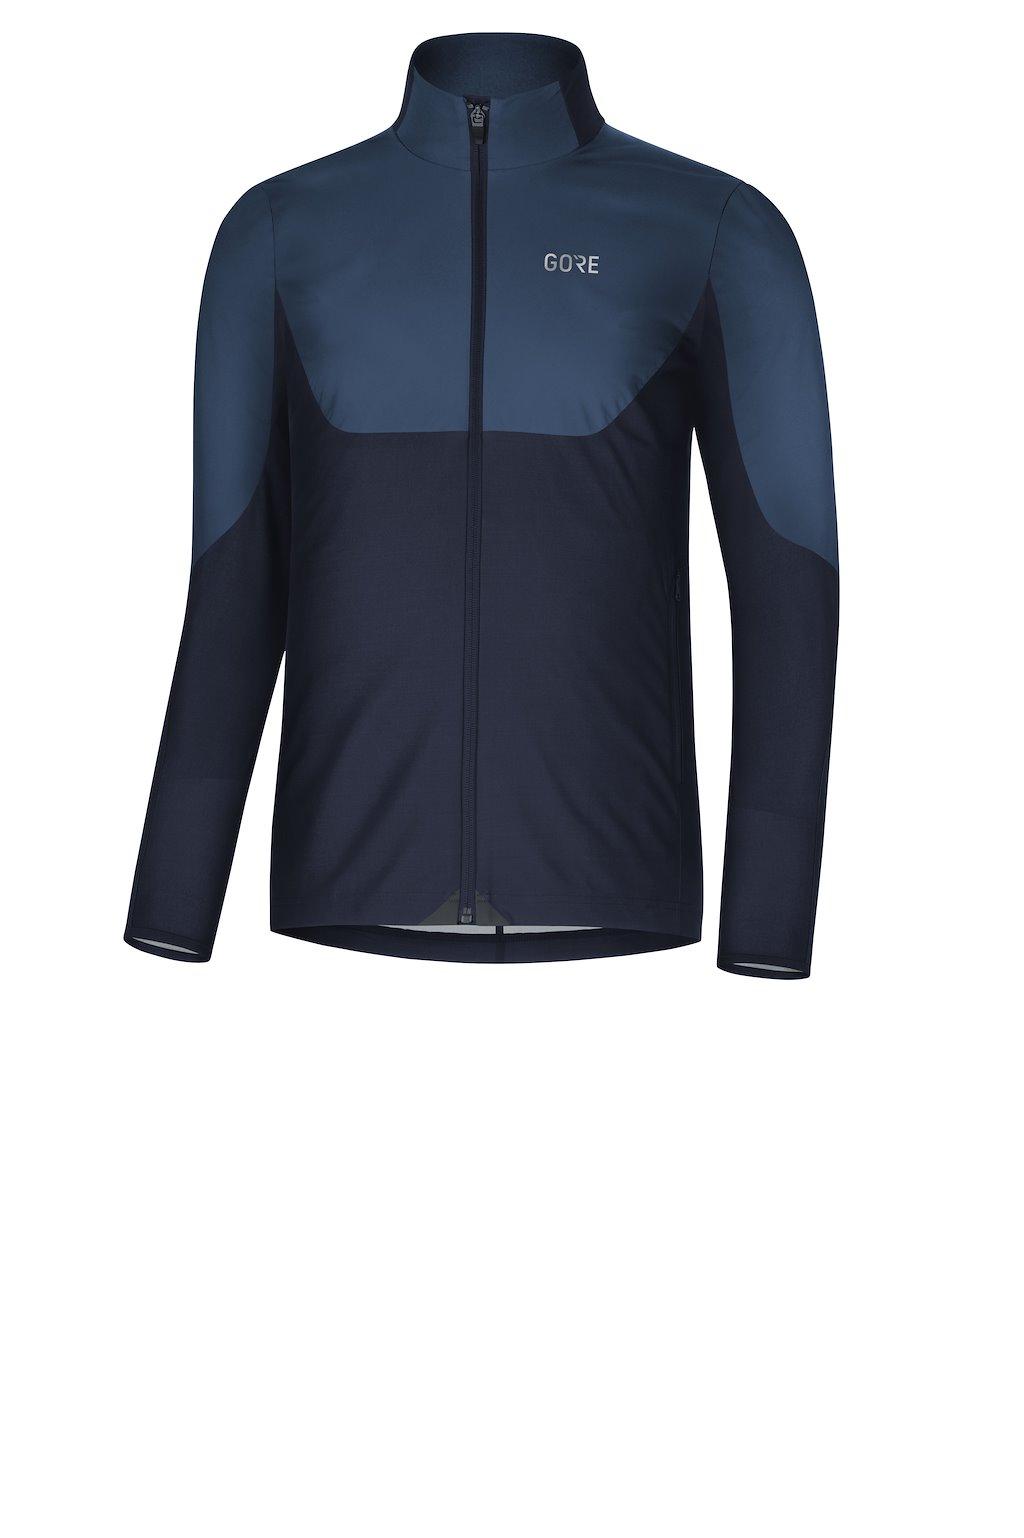 GORE® R5 GWS Long Sleeve Shirt